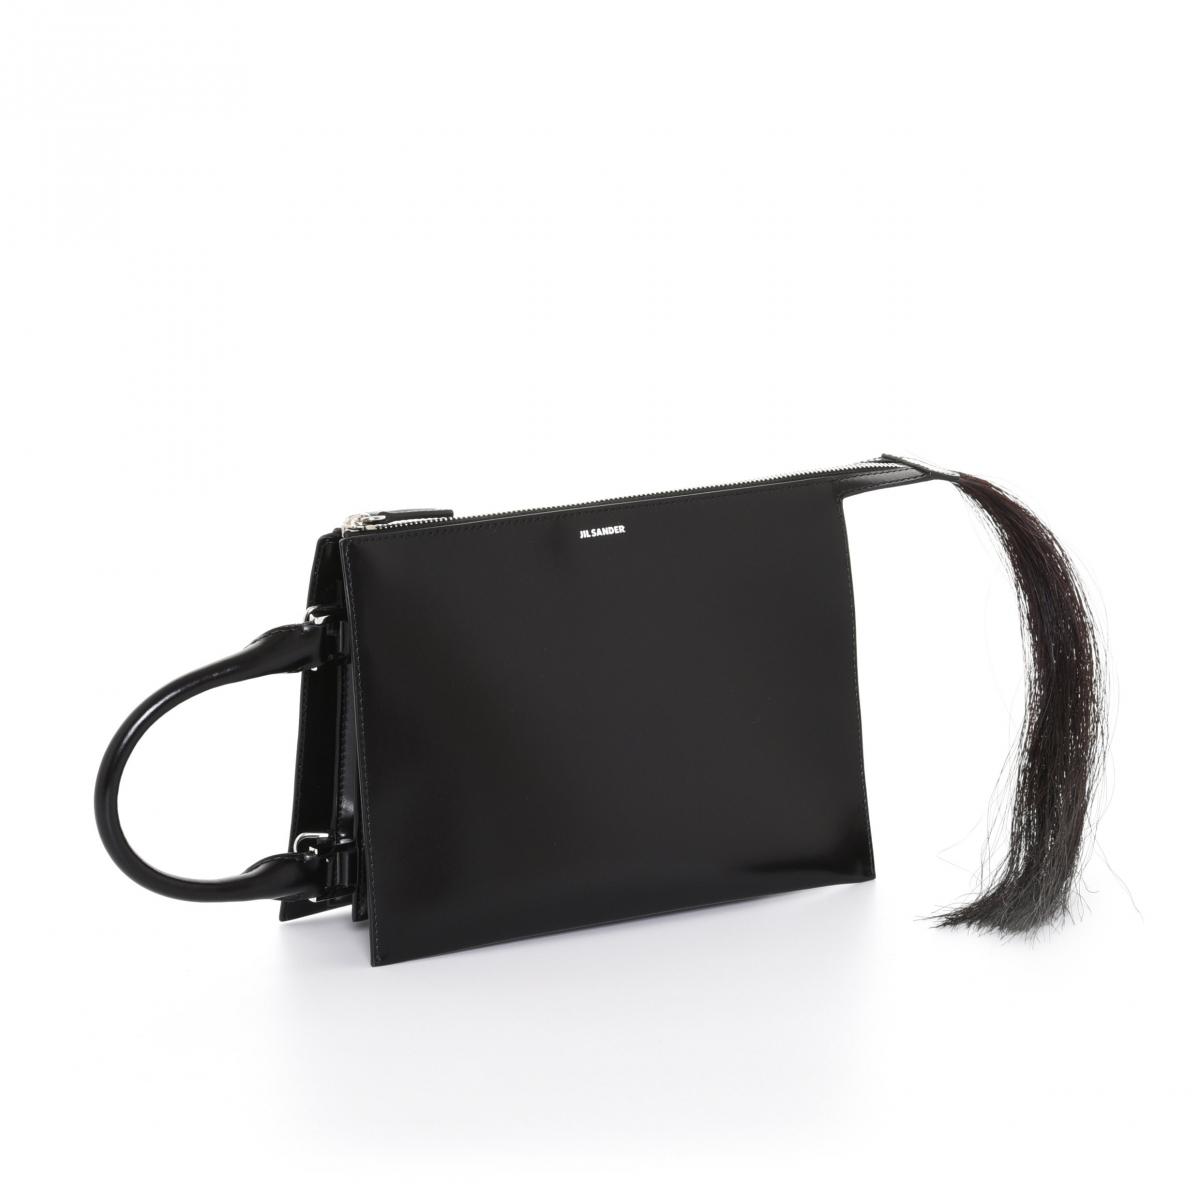 バッグ「トゥーティー スモール」〈H18×W24×D5㎝〉¥158,000/オンワードグローバルファッション(ジル・サンダー)